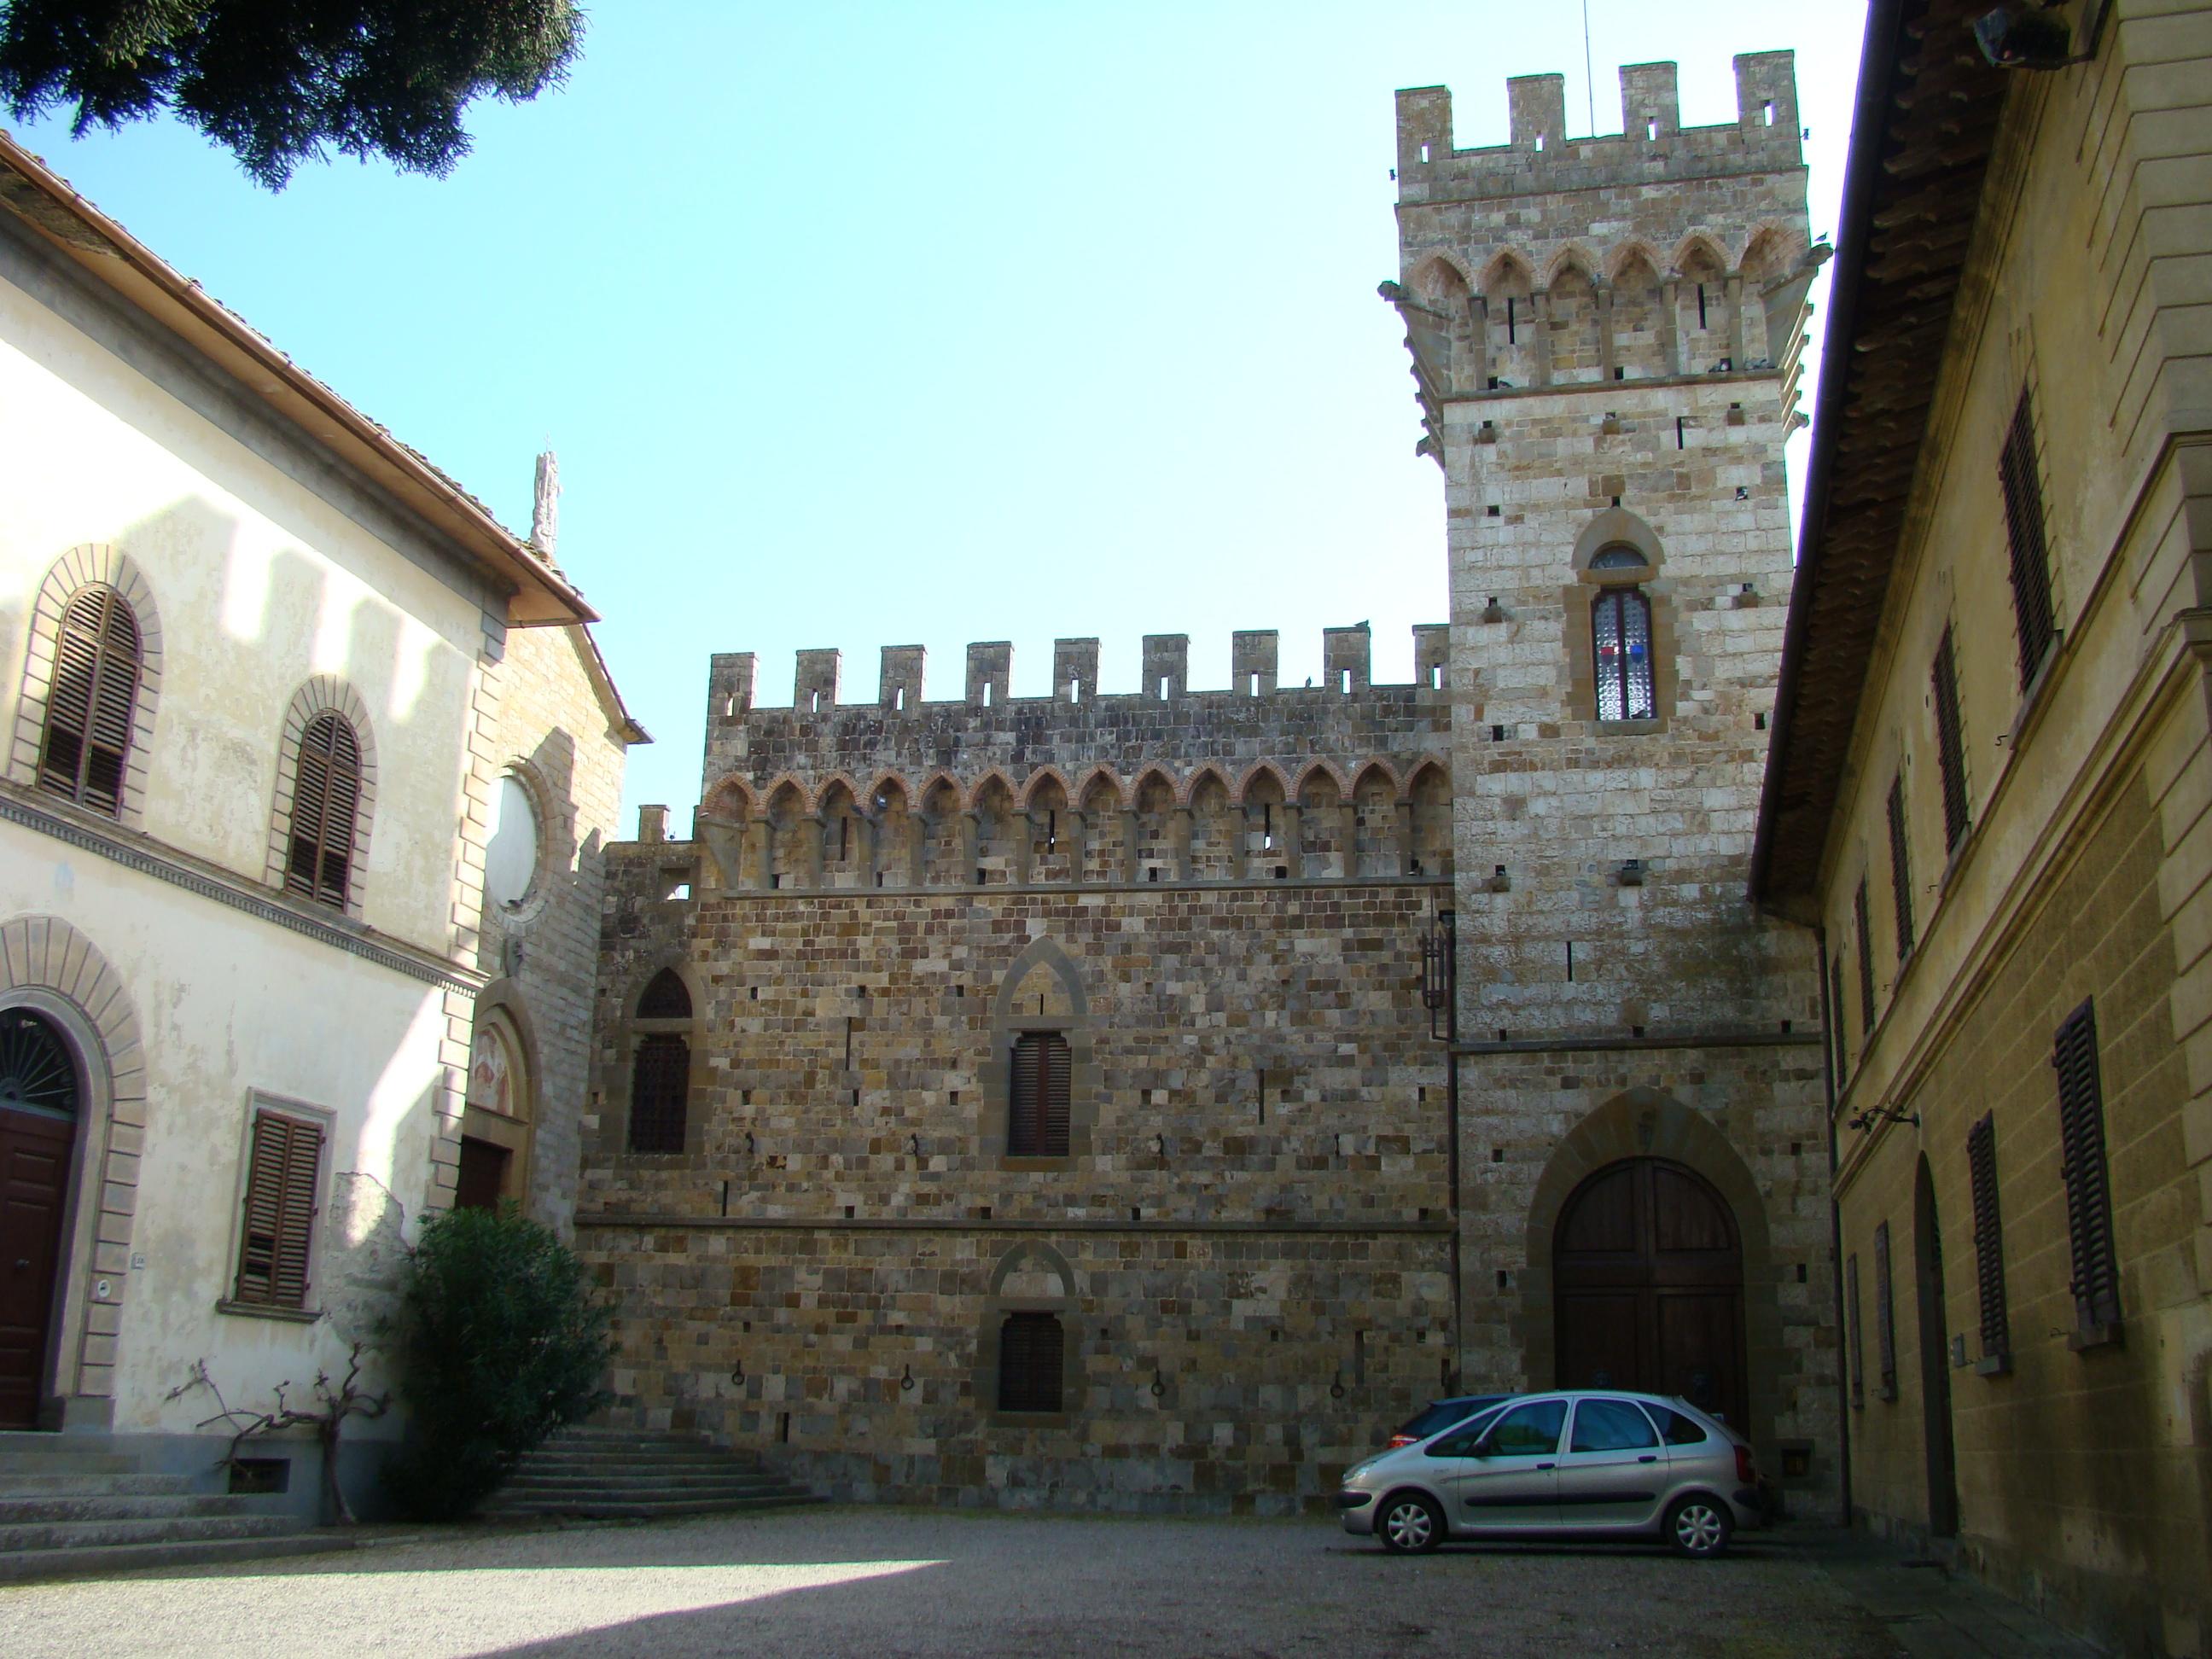 Cortile esterno della Badia a Passignano (di Giuliana Profeti)